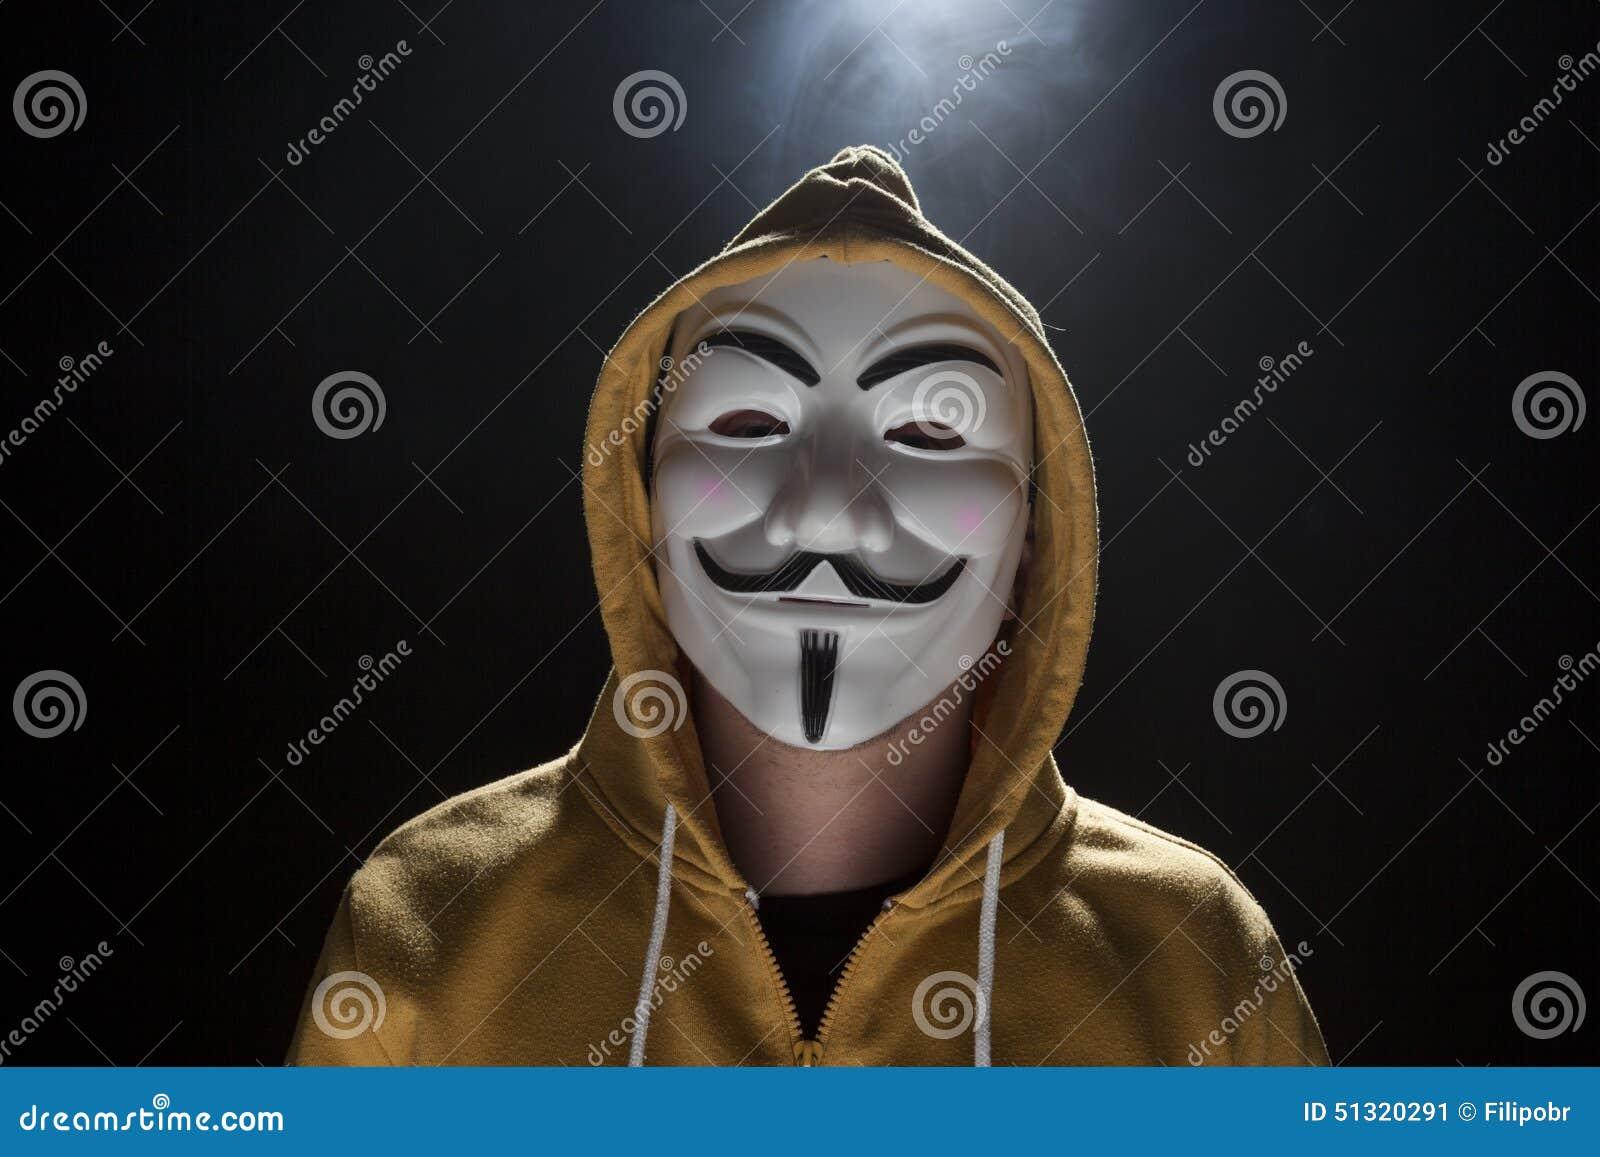 Les masques pour la personne à de larges époques